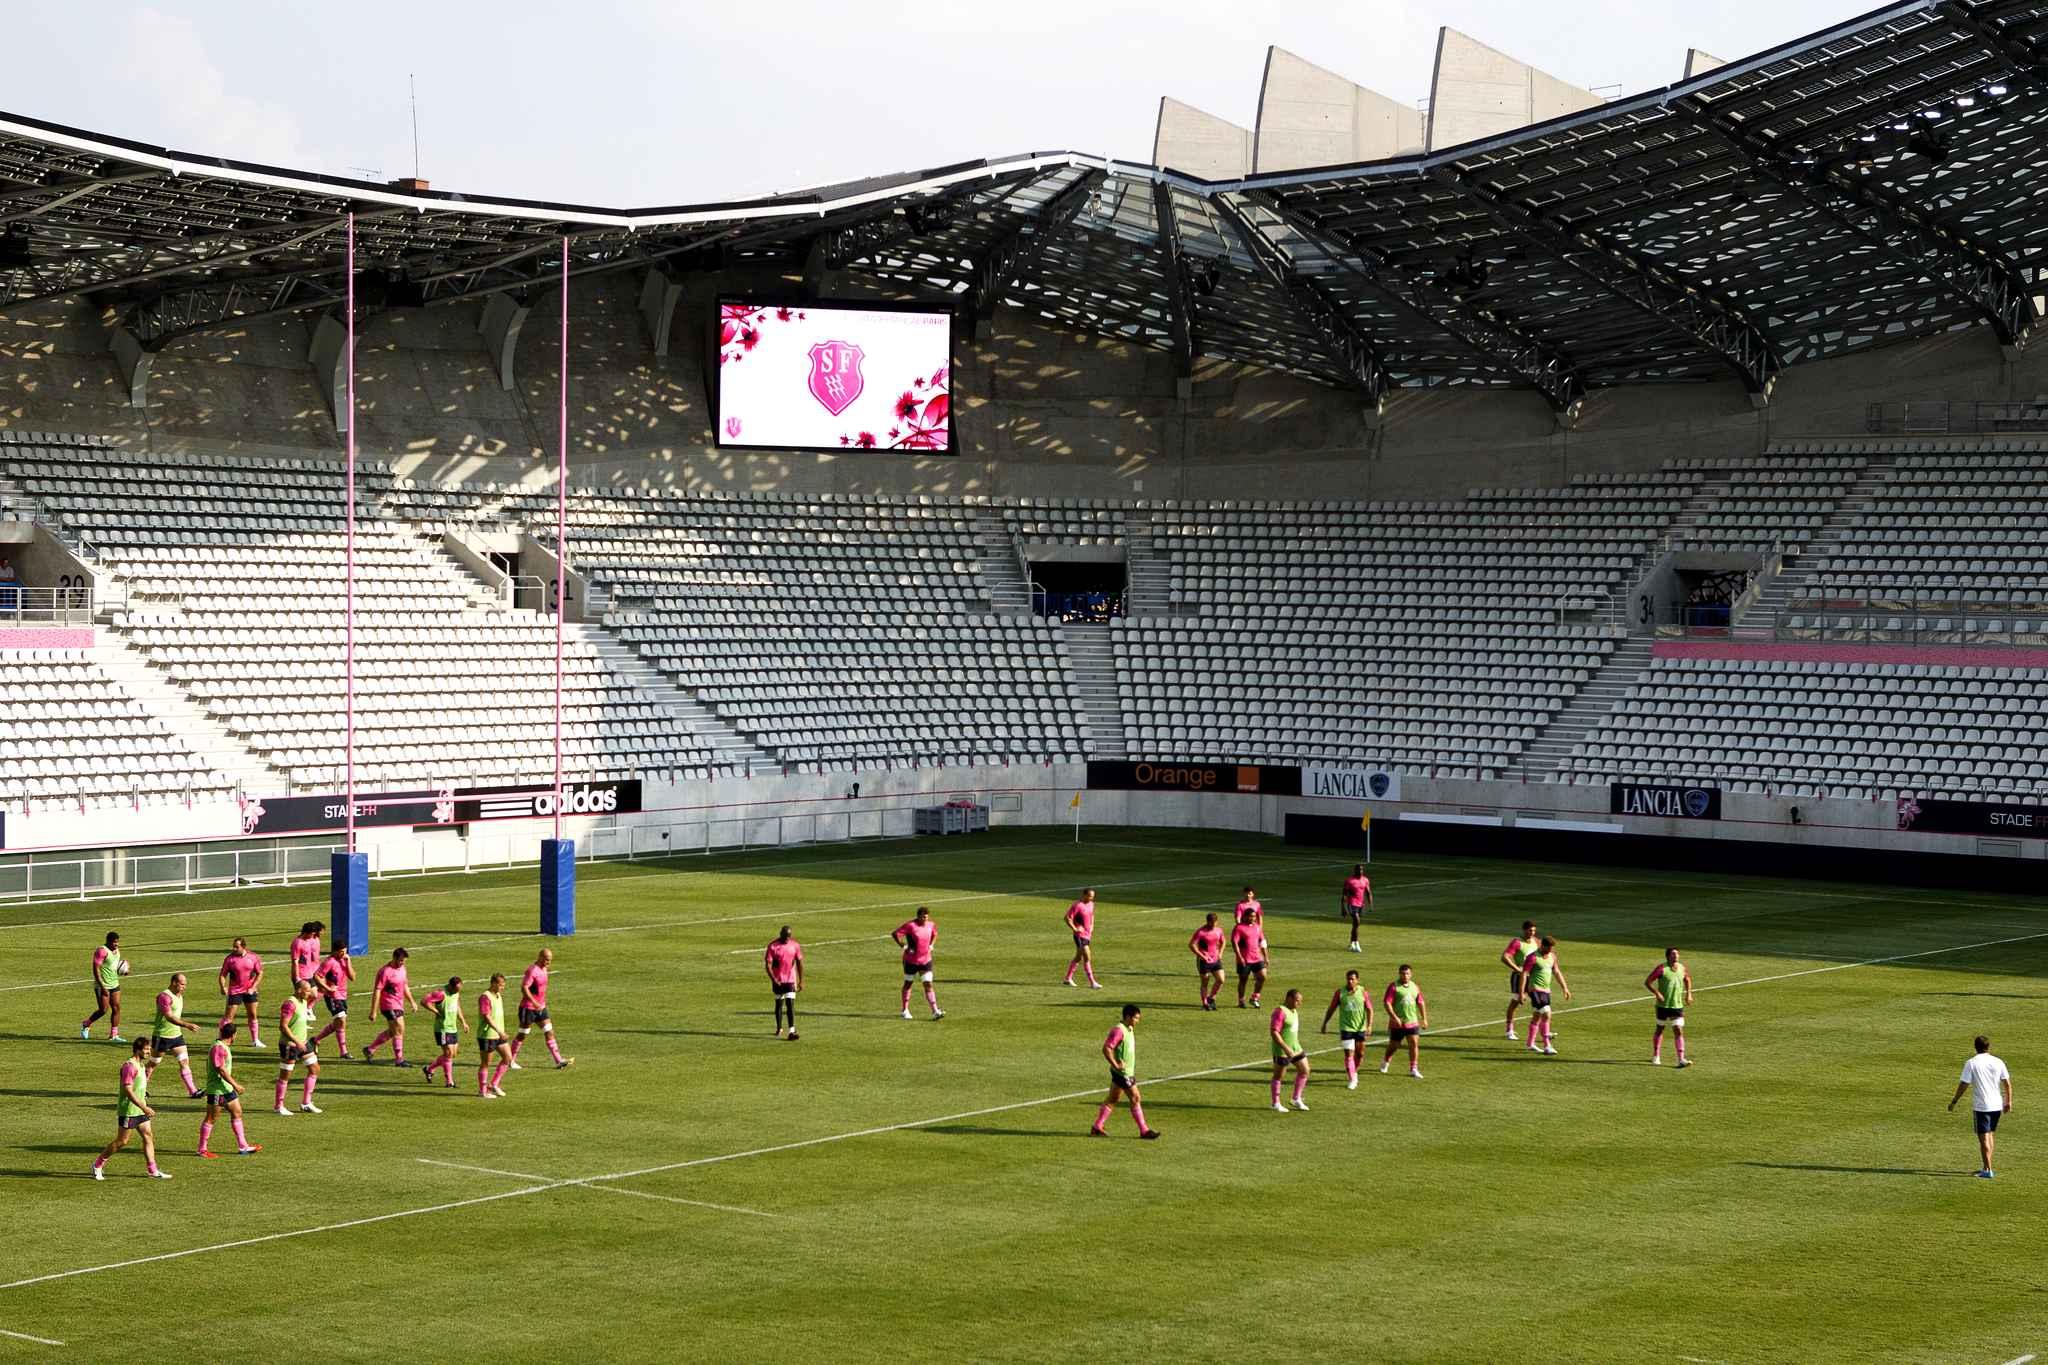 Stades de Rugby - Page 3 Paris-28-aout-2013-f9ee-diaporama